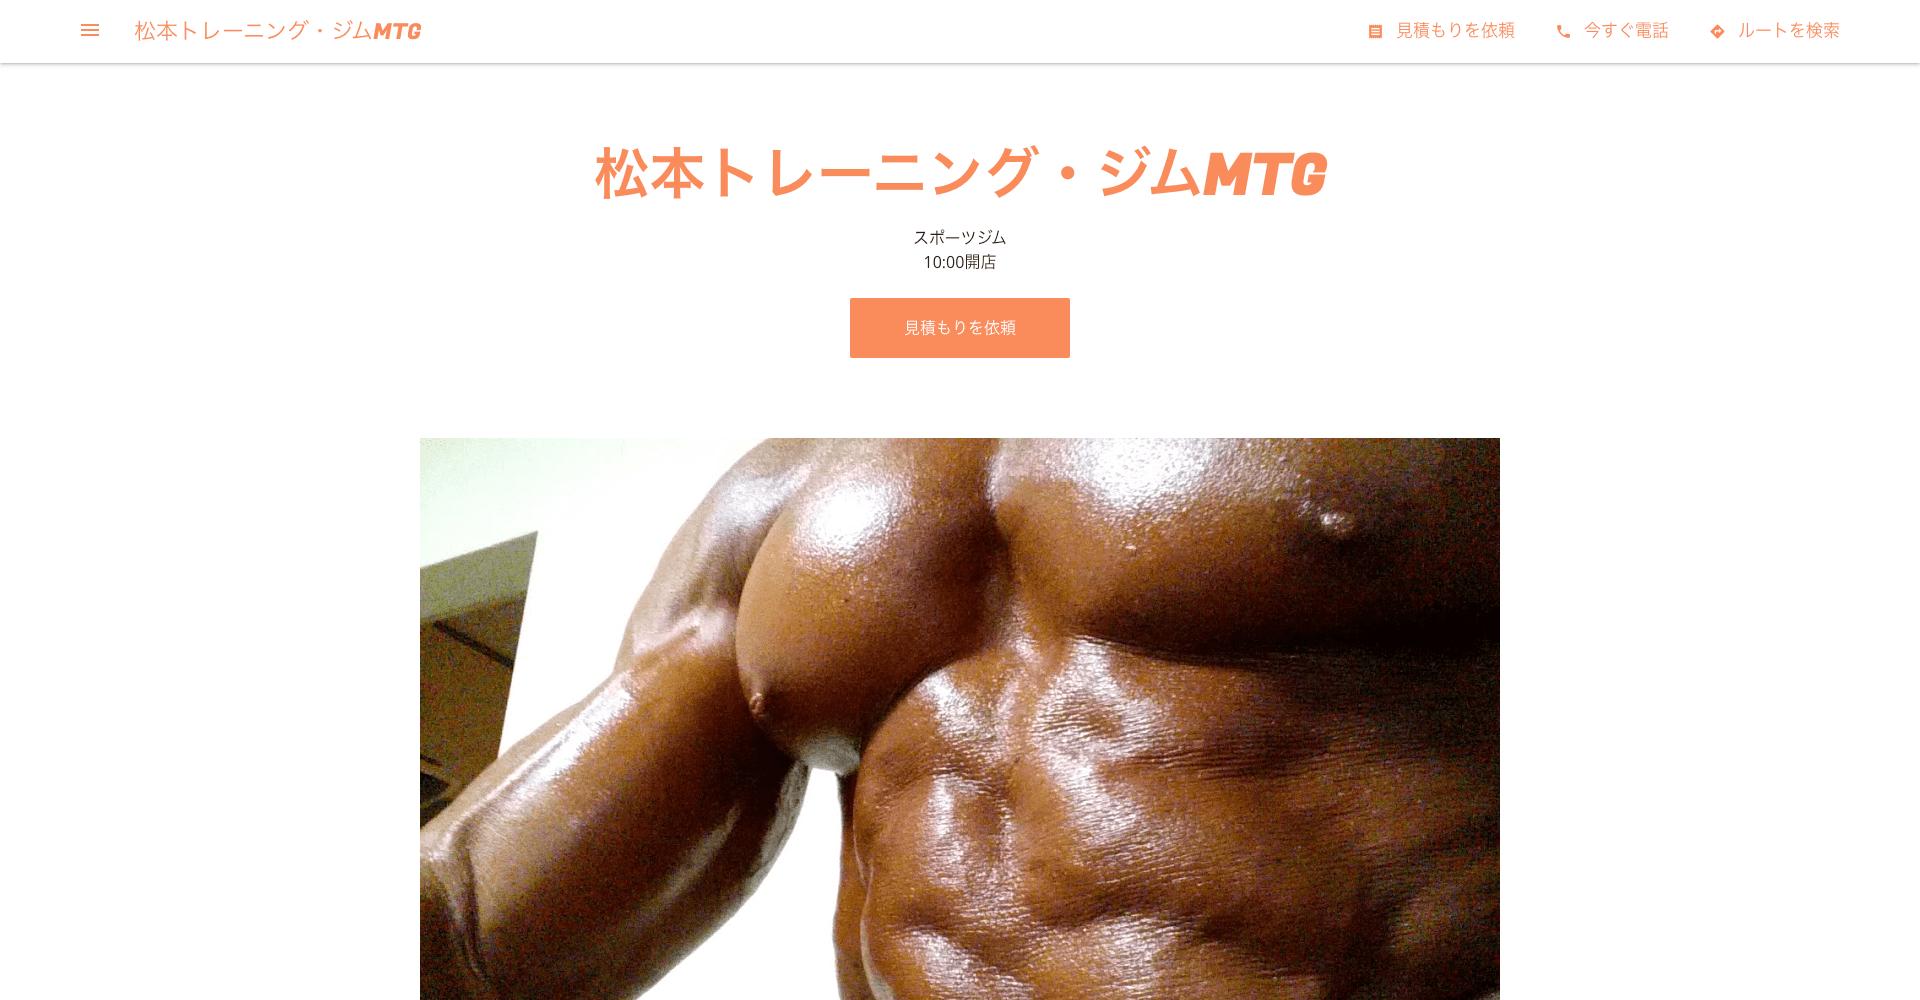 松本トレーニング・ジムMTG